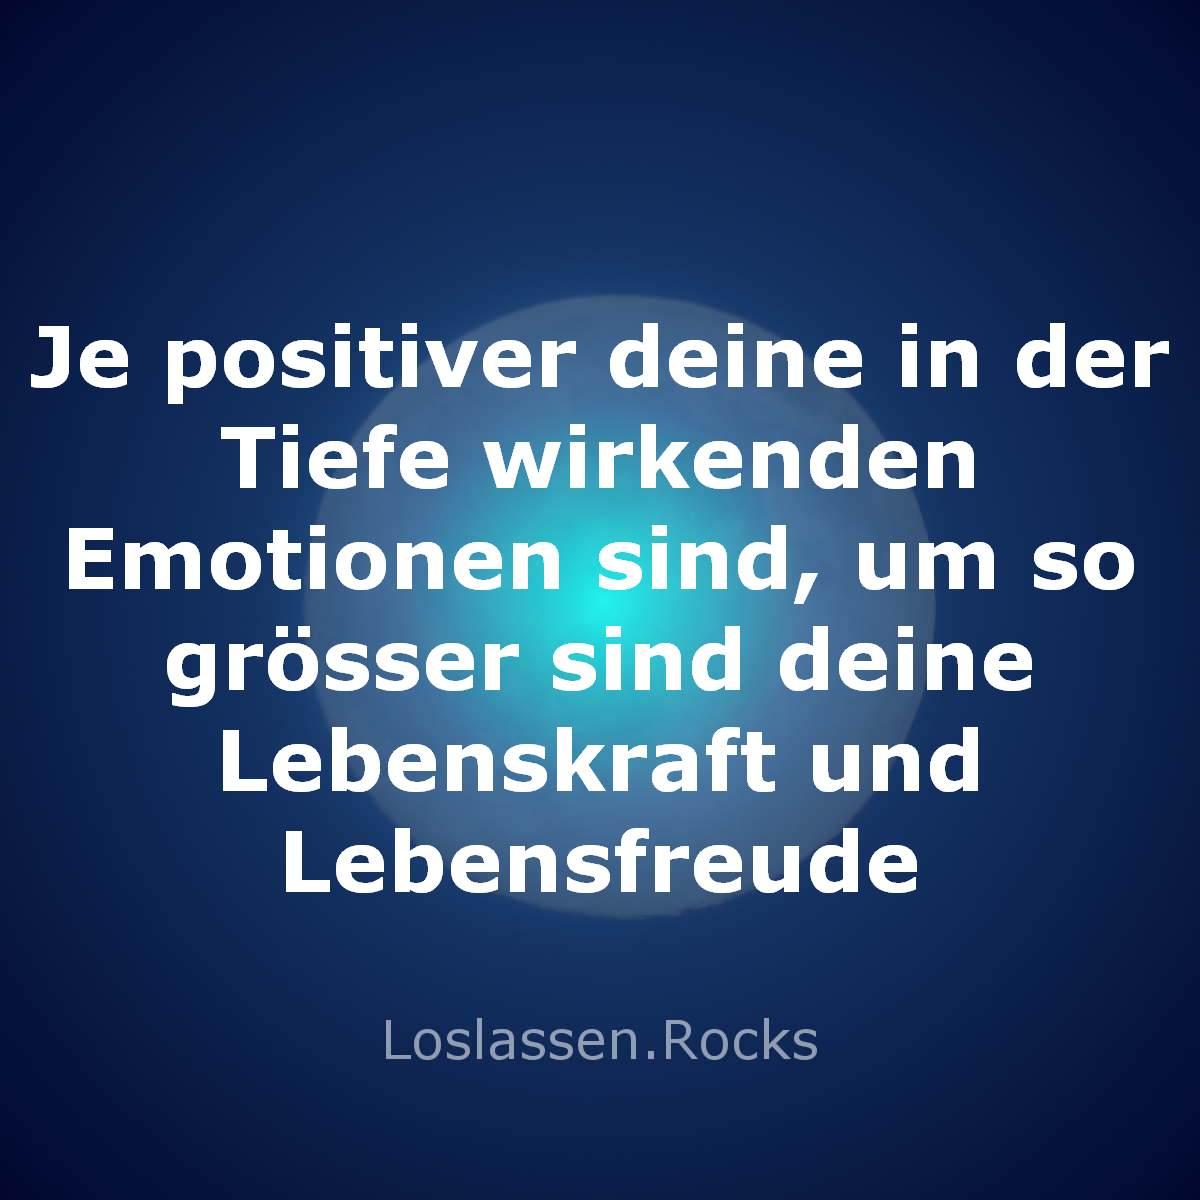 11-Je-positiver-deine-in-der-Tiefe-wirkenden-Emotionen-sind-um-so-grösser-sind-deine-Lebenskraft-und-Lebensfreude